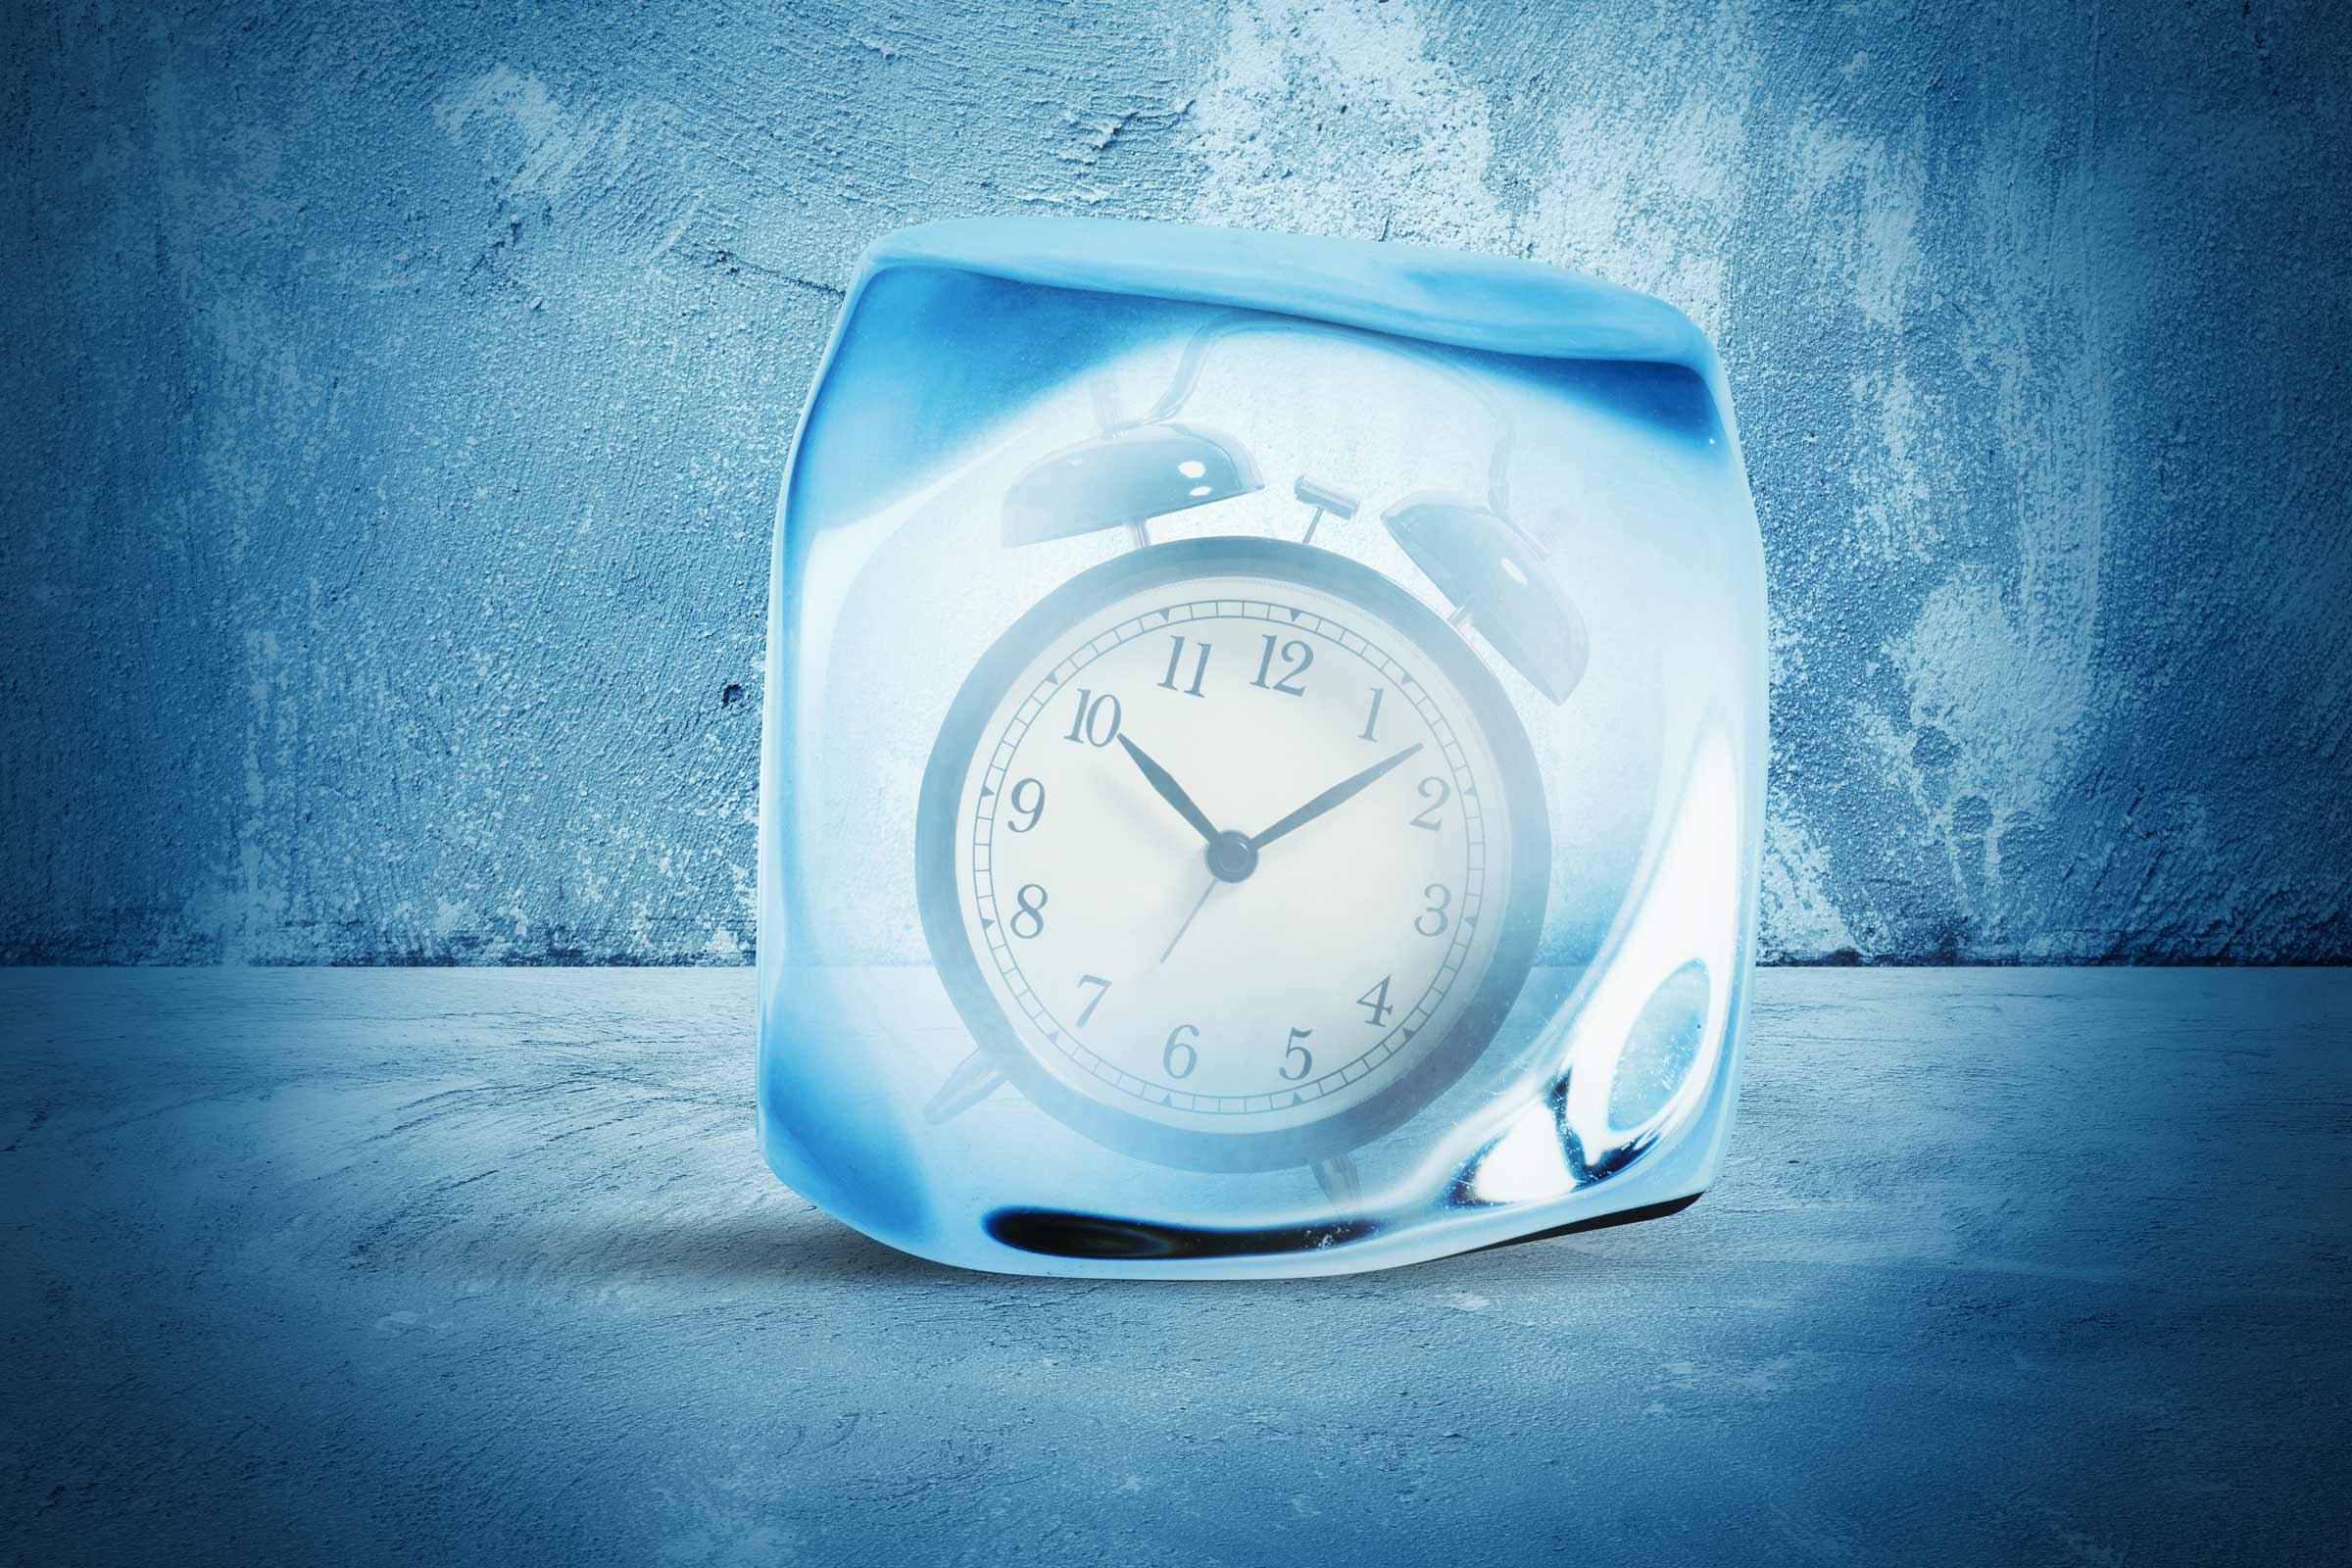 Freeze - Kälteschock für Projekte